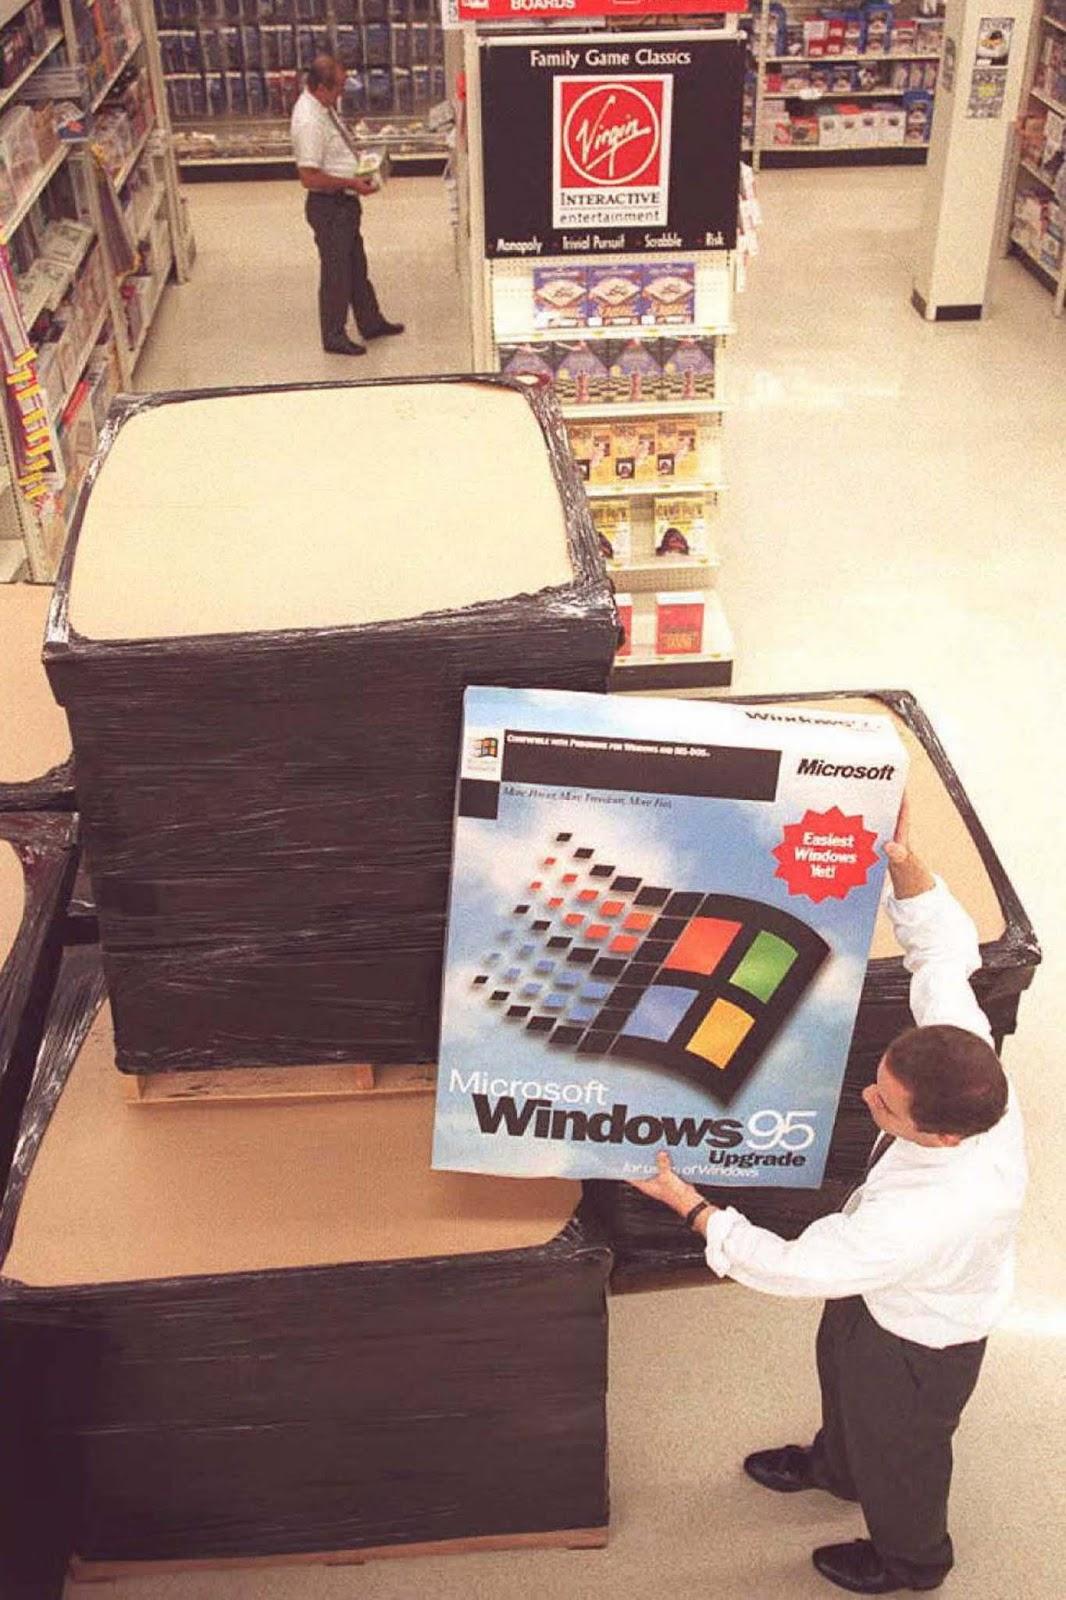 Windows 95 launch%2B%25283%2529 - Relembre a enorme histeria do lançamento do Windows 95 em 1995